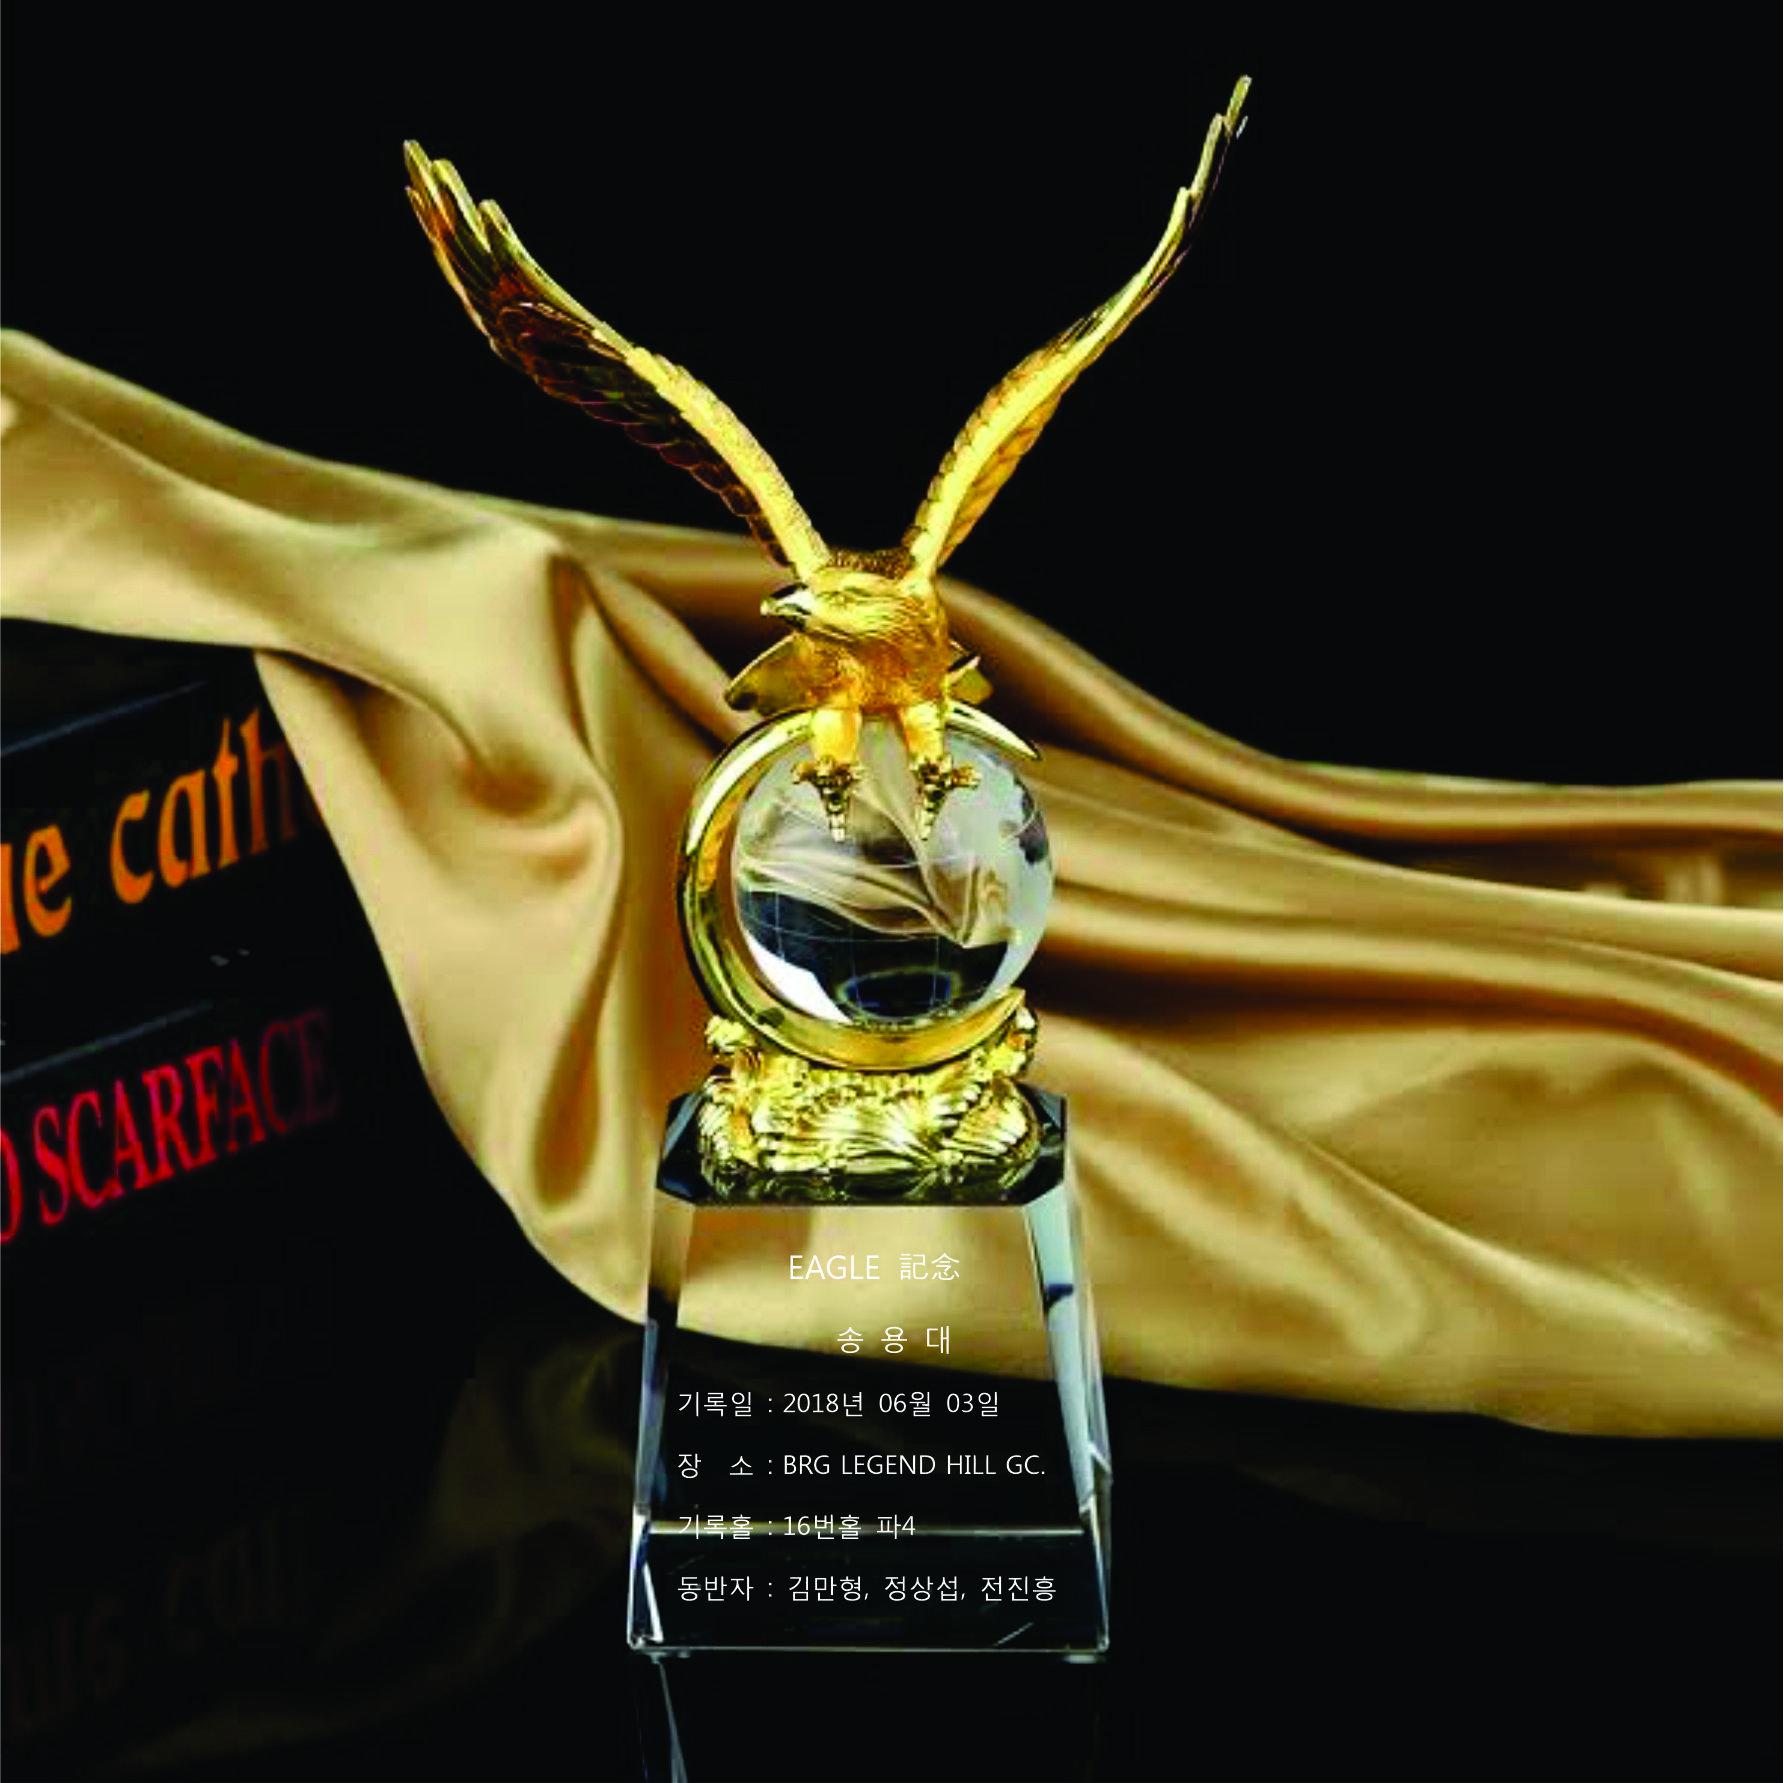 d9b648c3f0b211ec48a3 - Linh vật pha lê đại bàng mạ vàng